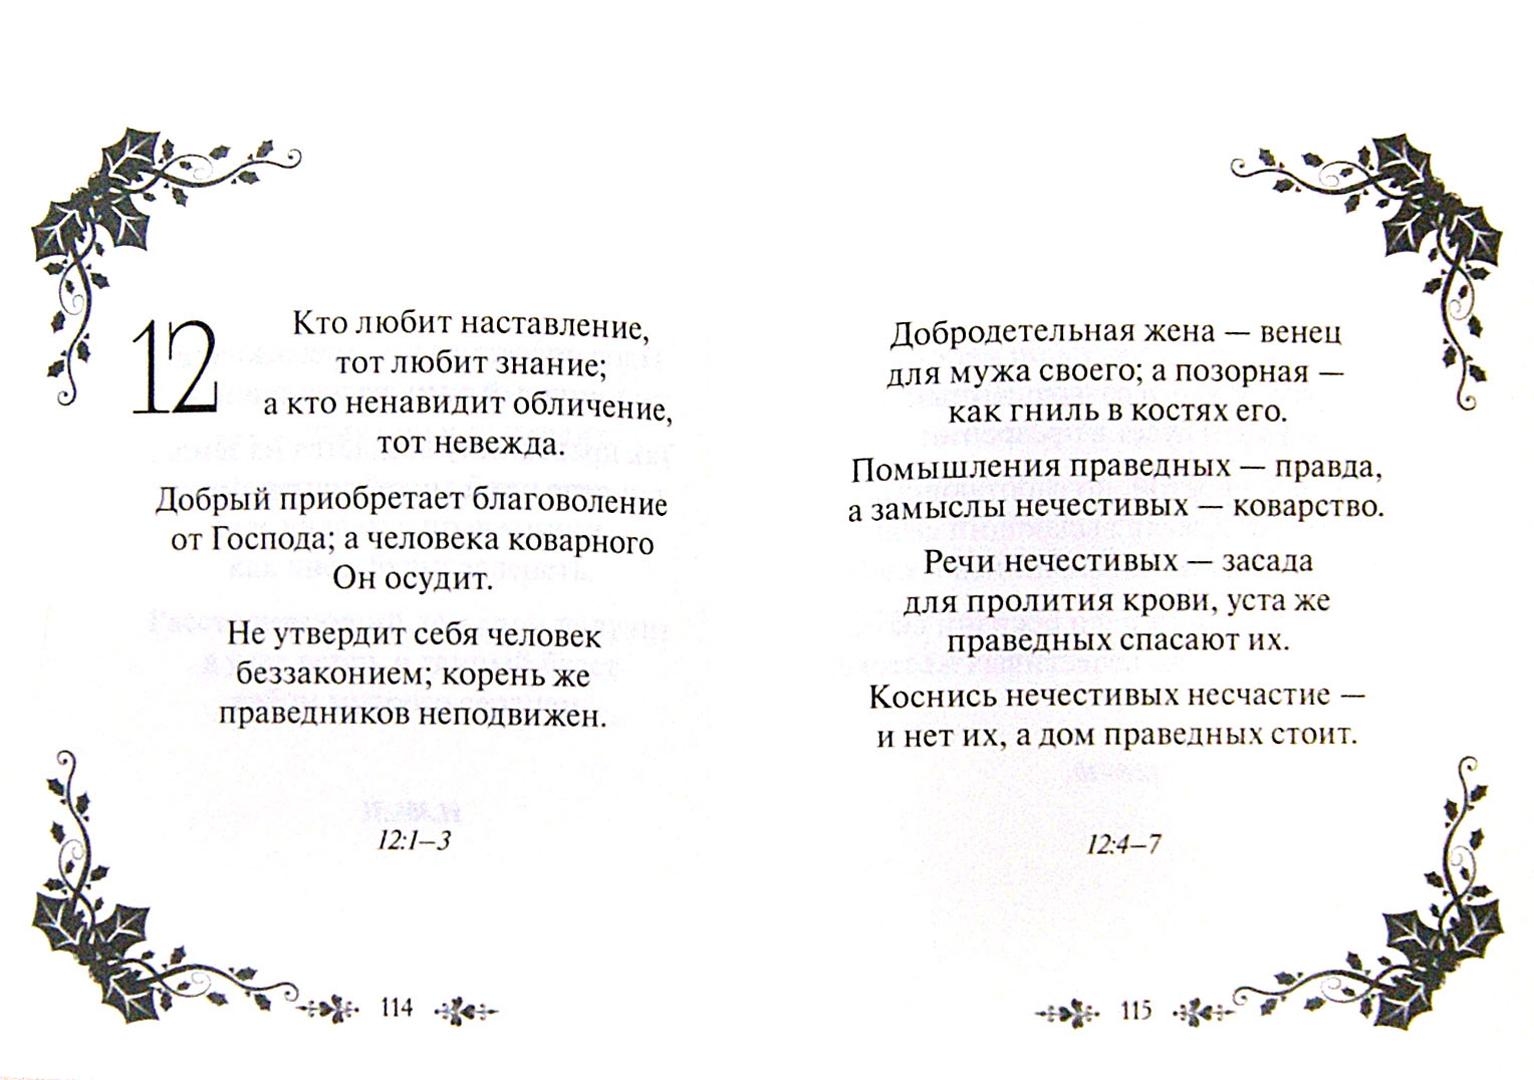 Иллюстрация 1 из 5 для Мудрость Библии. Притчи Соломоновы | Лабиринт - книги. Источник: Лабиринт